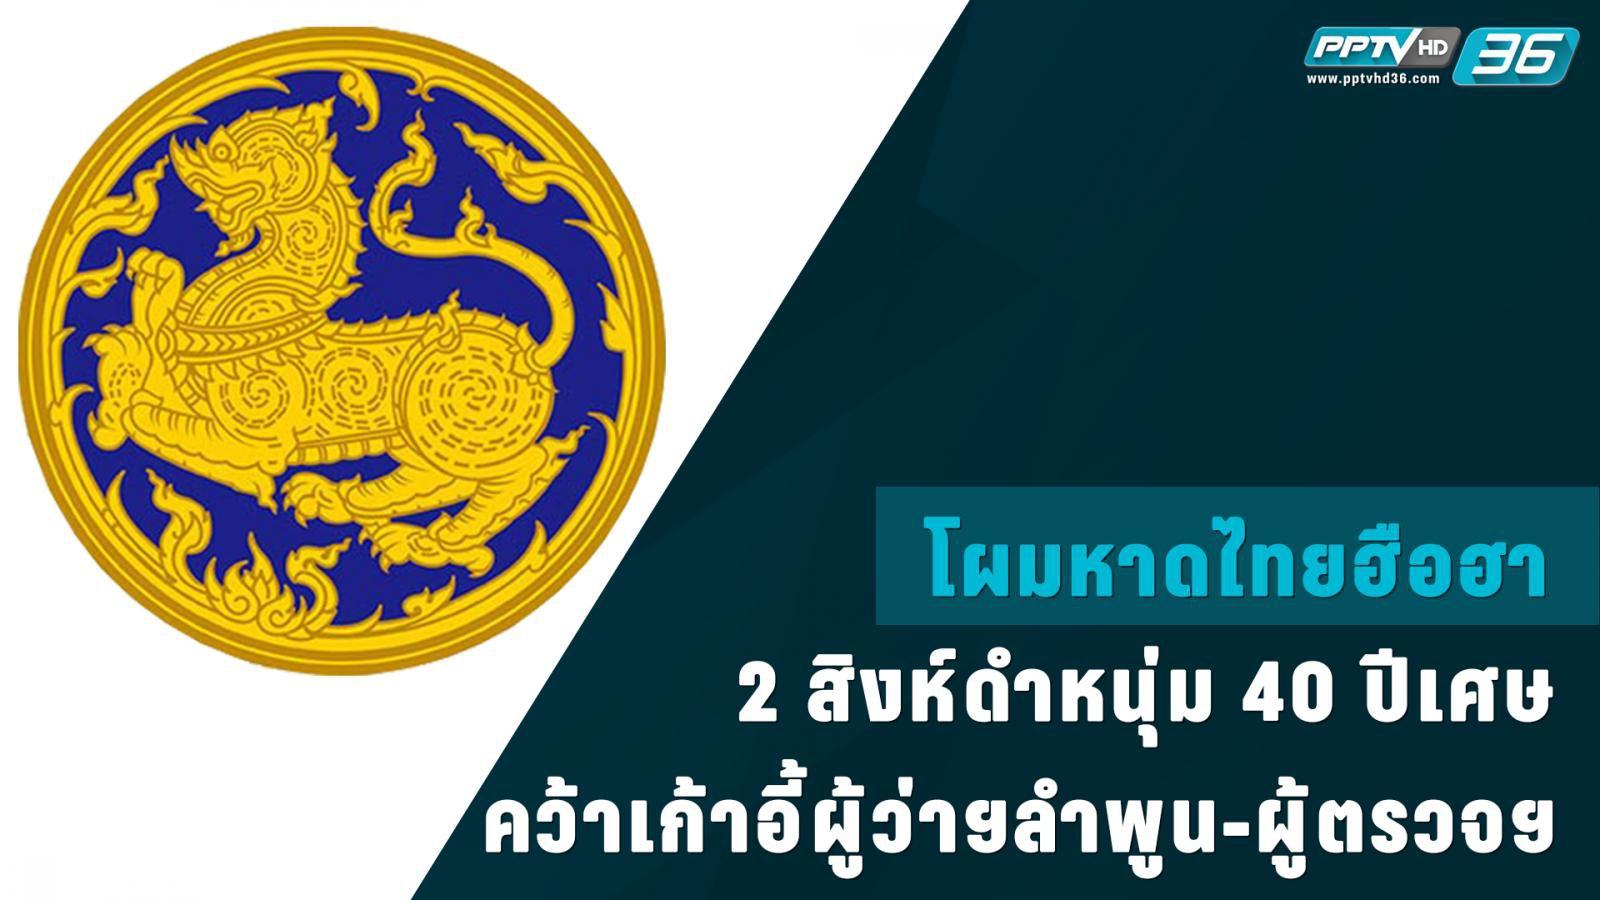 โผมหาดไทยฮือฮา 2 สิงห์ดำหนุ่ม 40 ปีเศษ คว้าเก้าอี้ผู้ว่าฯลำพูน-ผู้ตรวจฯ